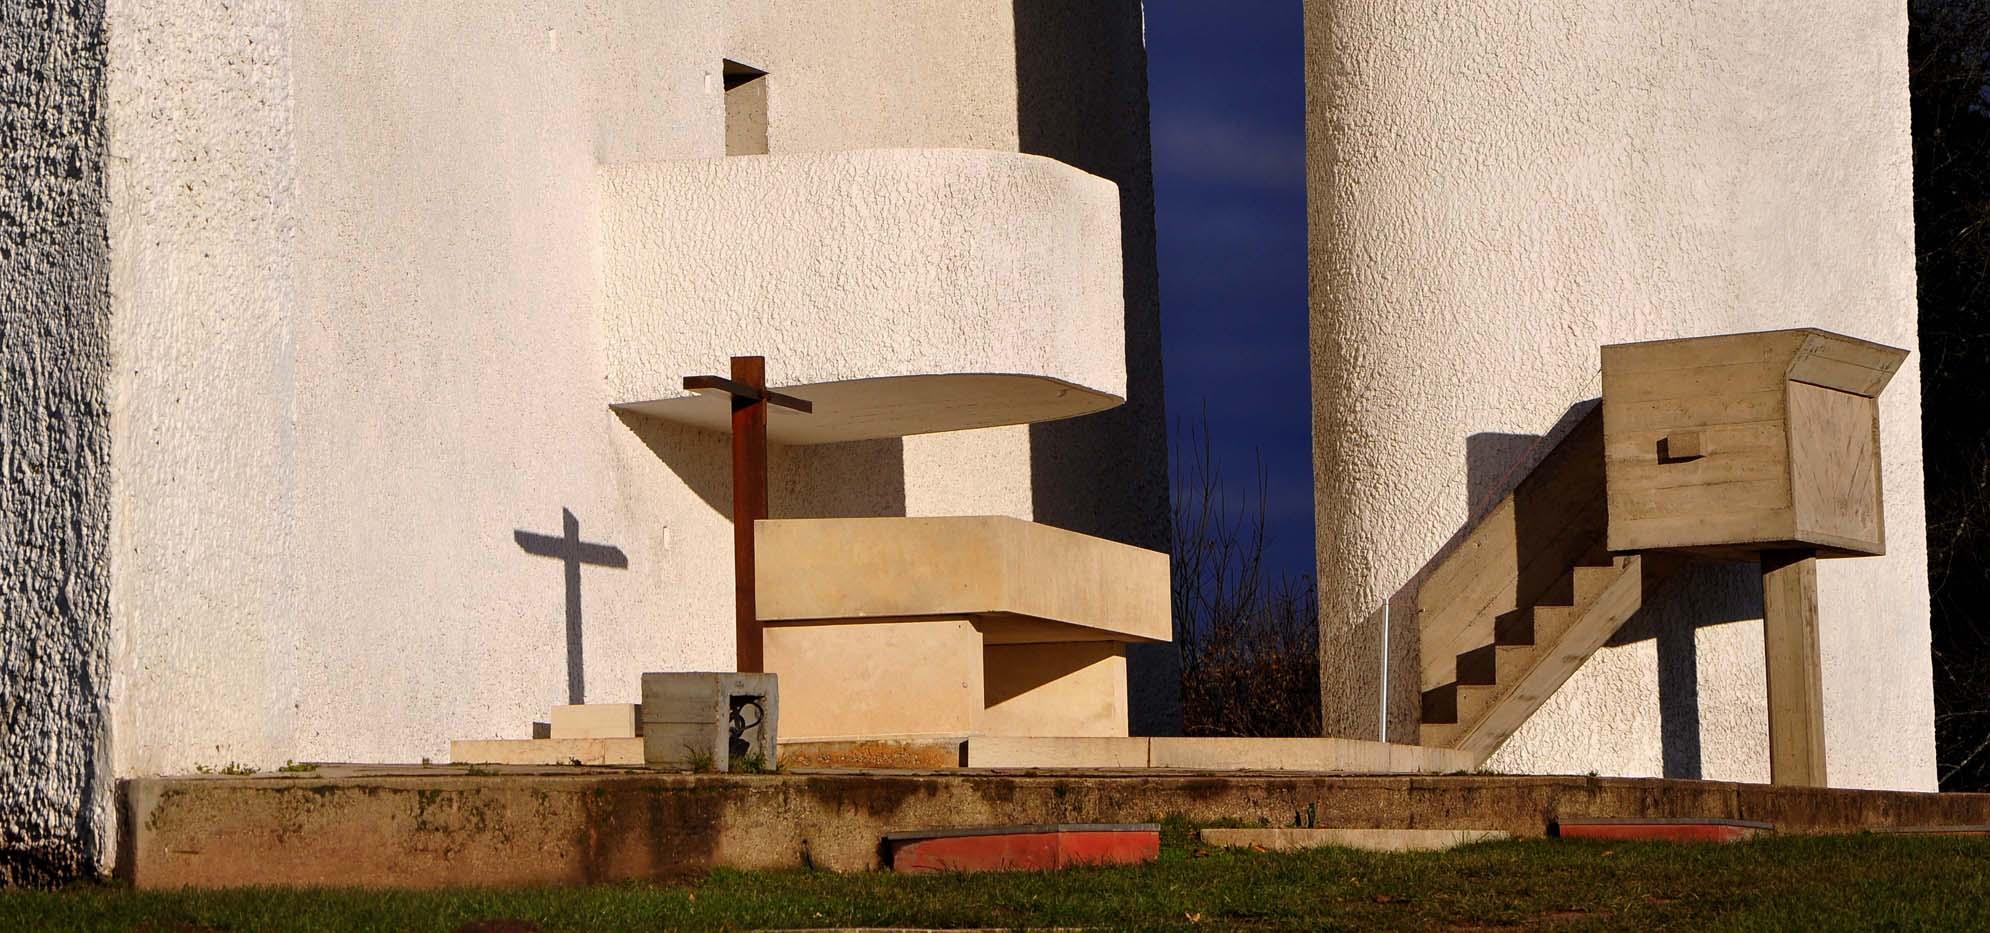 Ambone esterno, cappella di Ronchamp, progetto Le COrbusier, consulenza liturgico-artistsica p. Couturier.Espressinoe di plastica essenzialità. (Foto D. Basso)